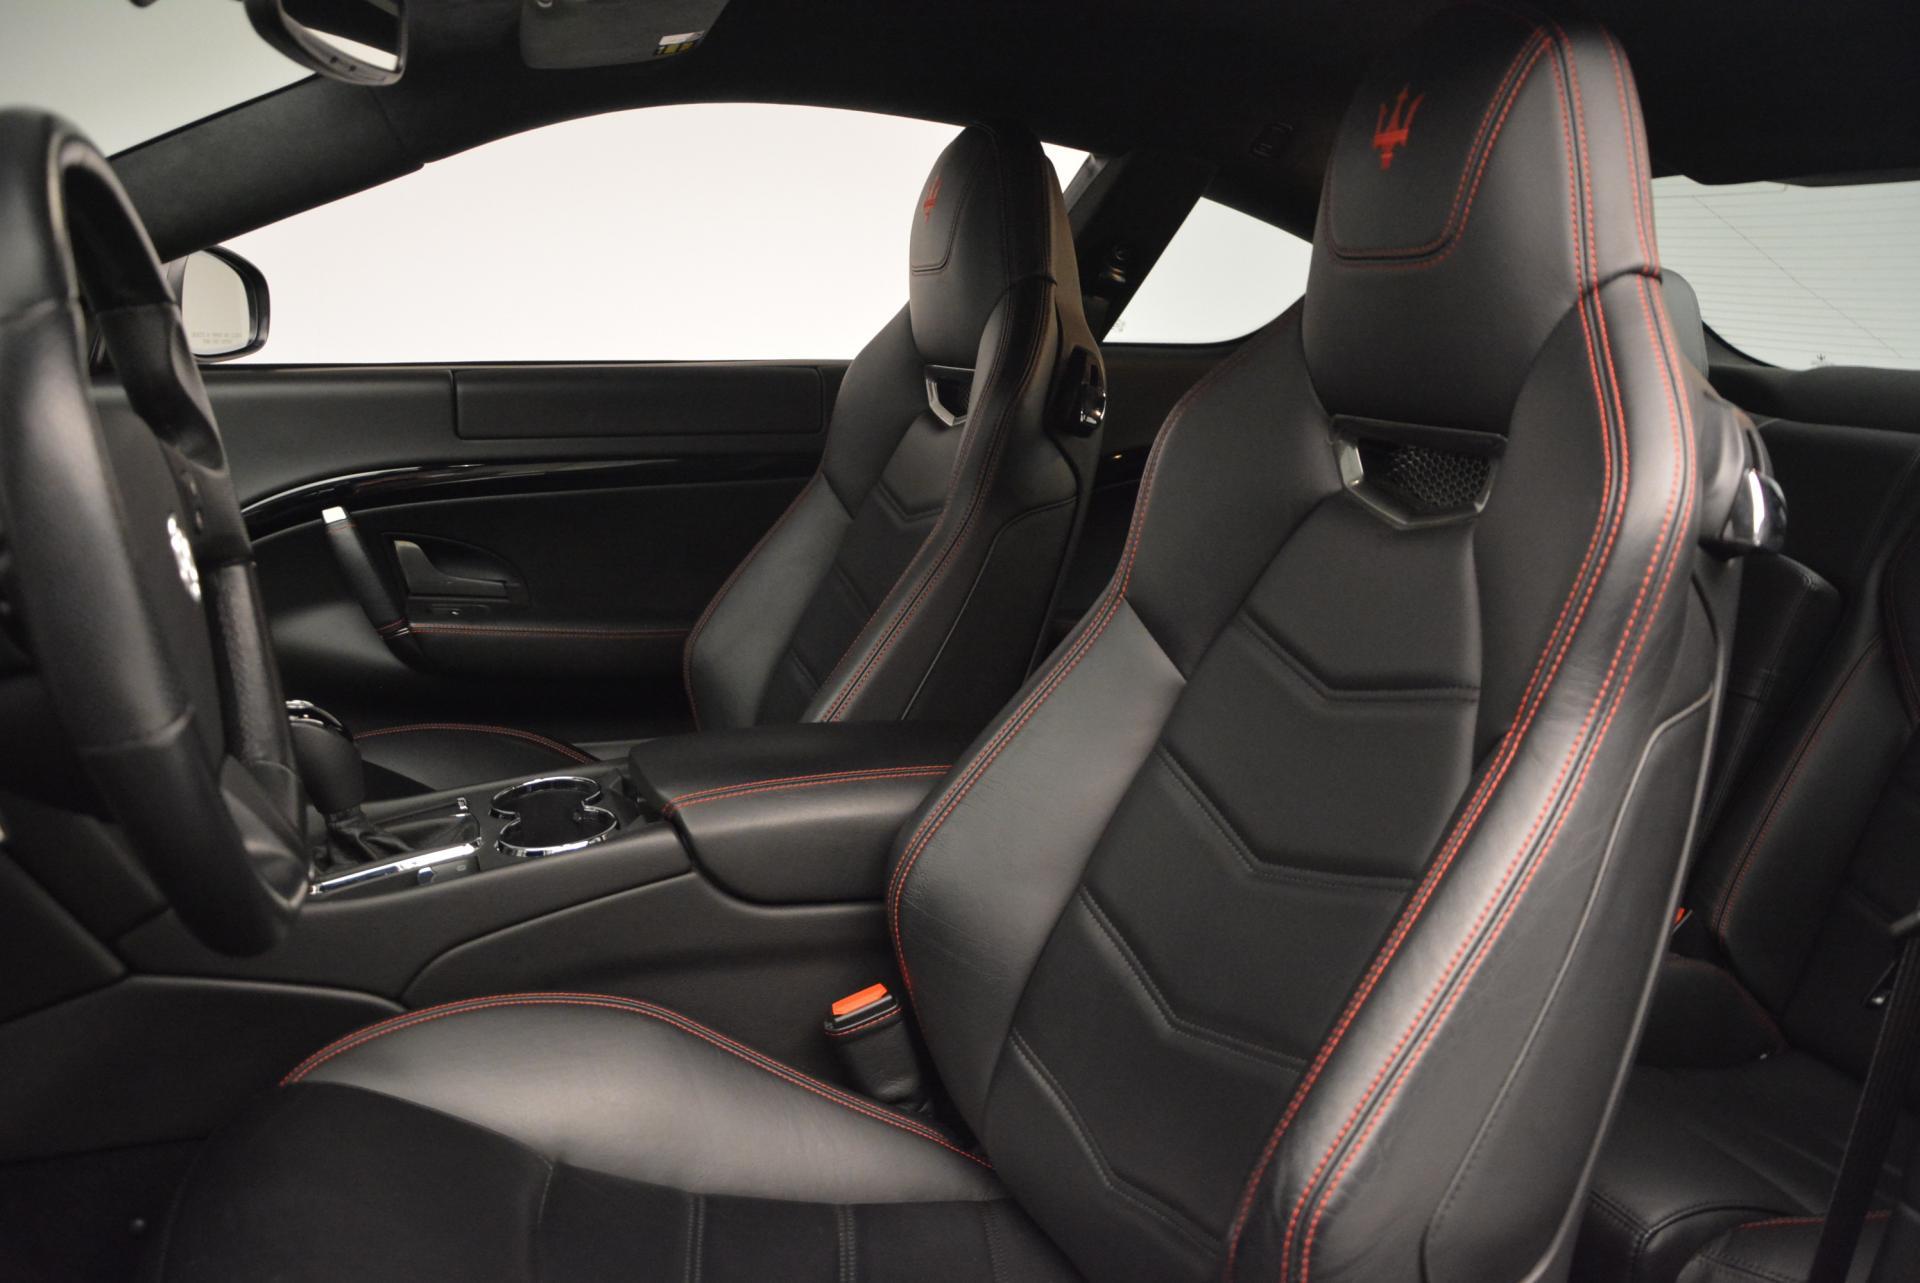 Used 2013 Maserati GranTurismo Sport For Sale In Greenwich, CT. Alfa Romeo of Greenwich, 1264 46_p15